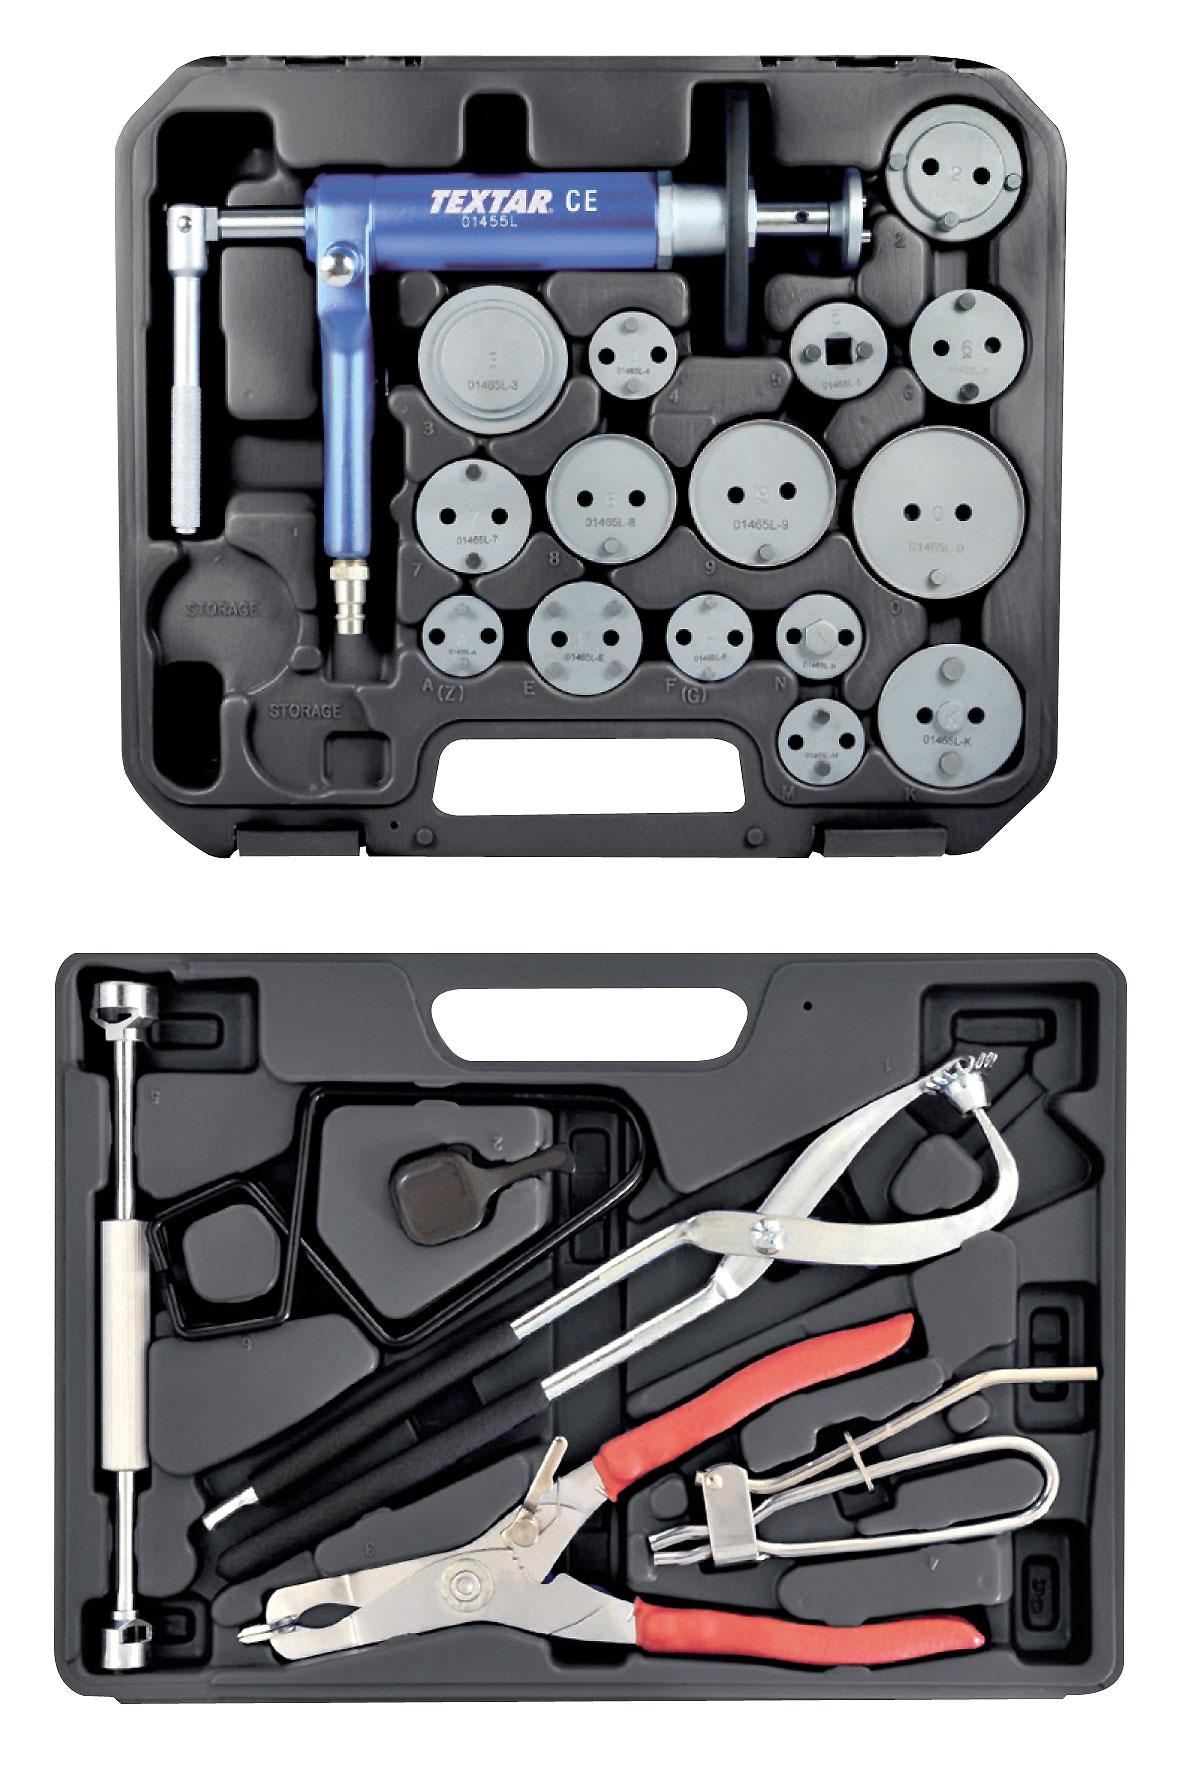 Wofercie marki Textar znajduje się szeroka paleta narzędzi, które usprawnią czynności związane zwymianą klocków itarcz